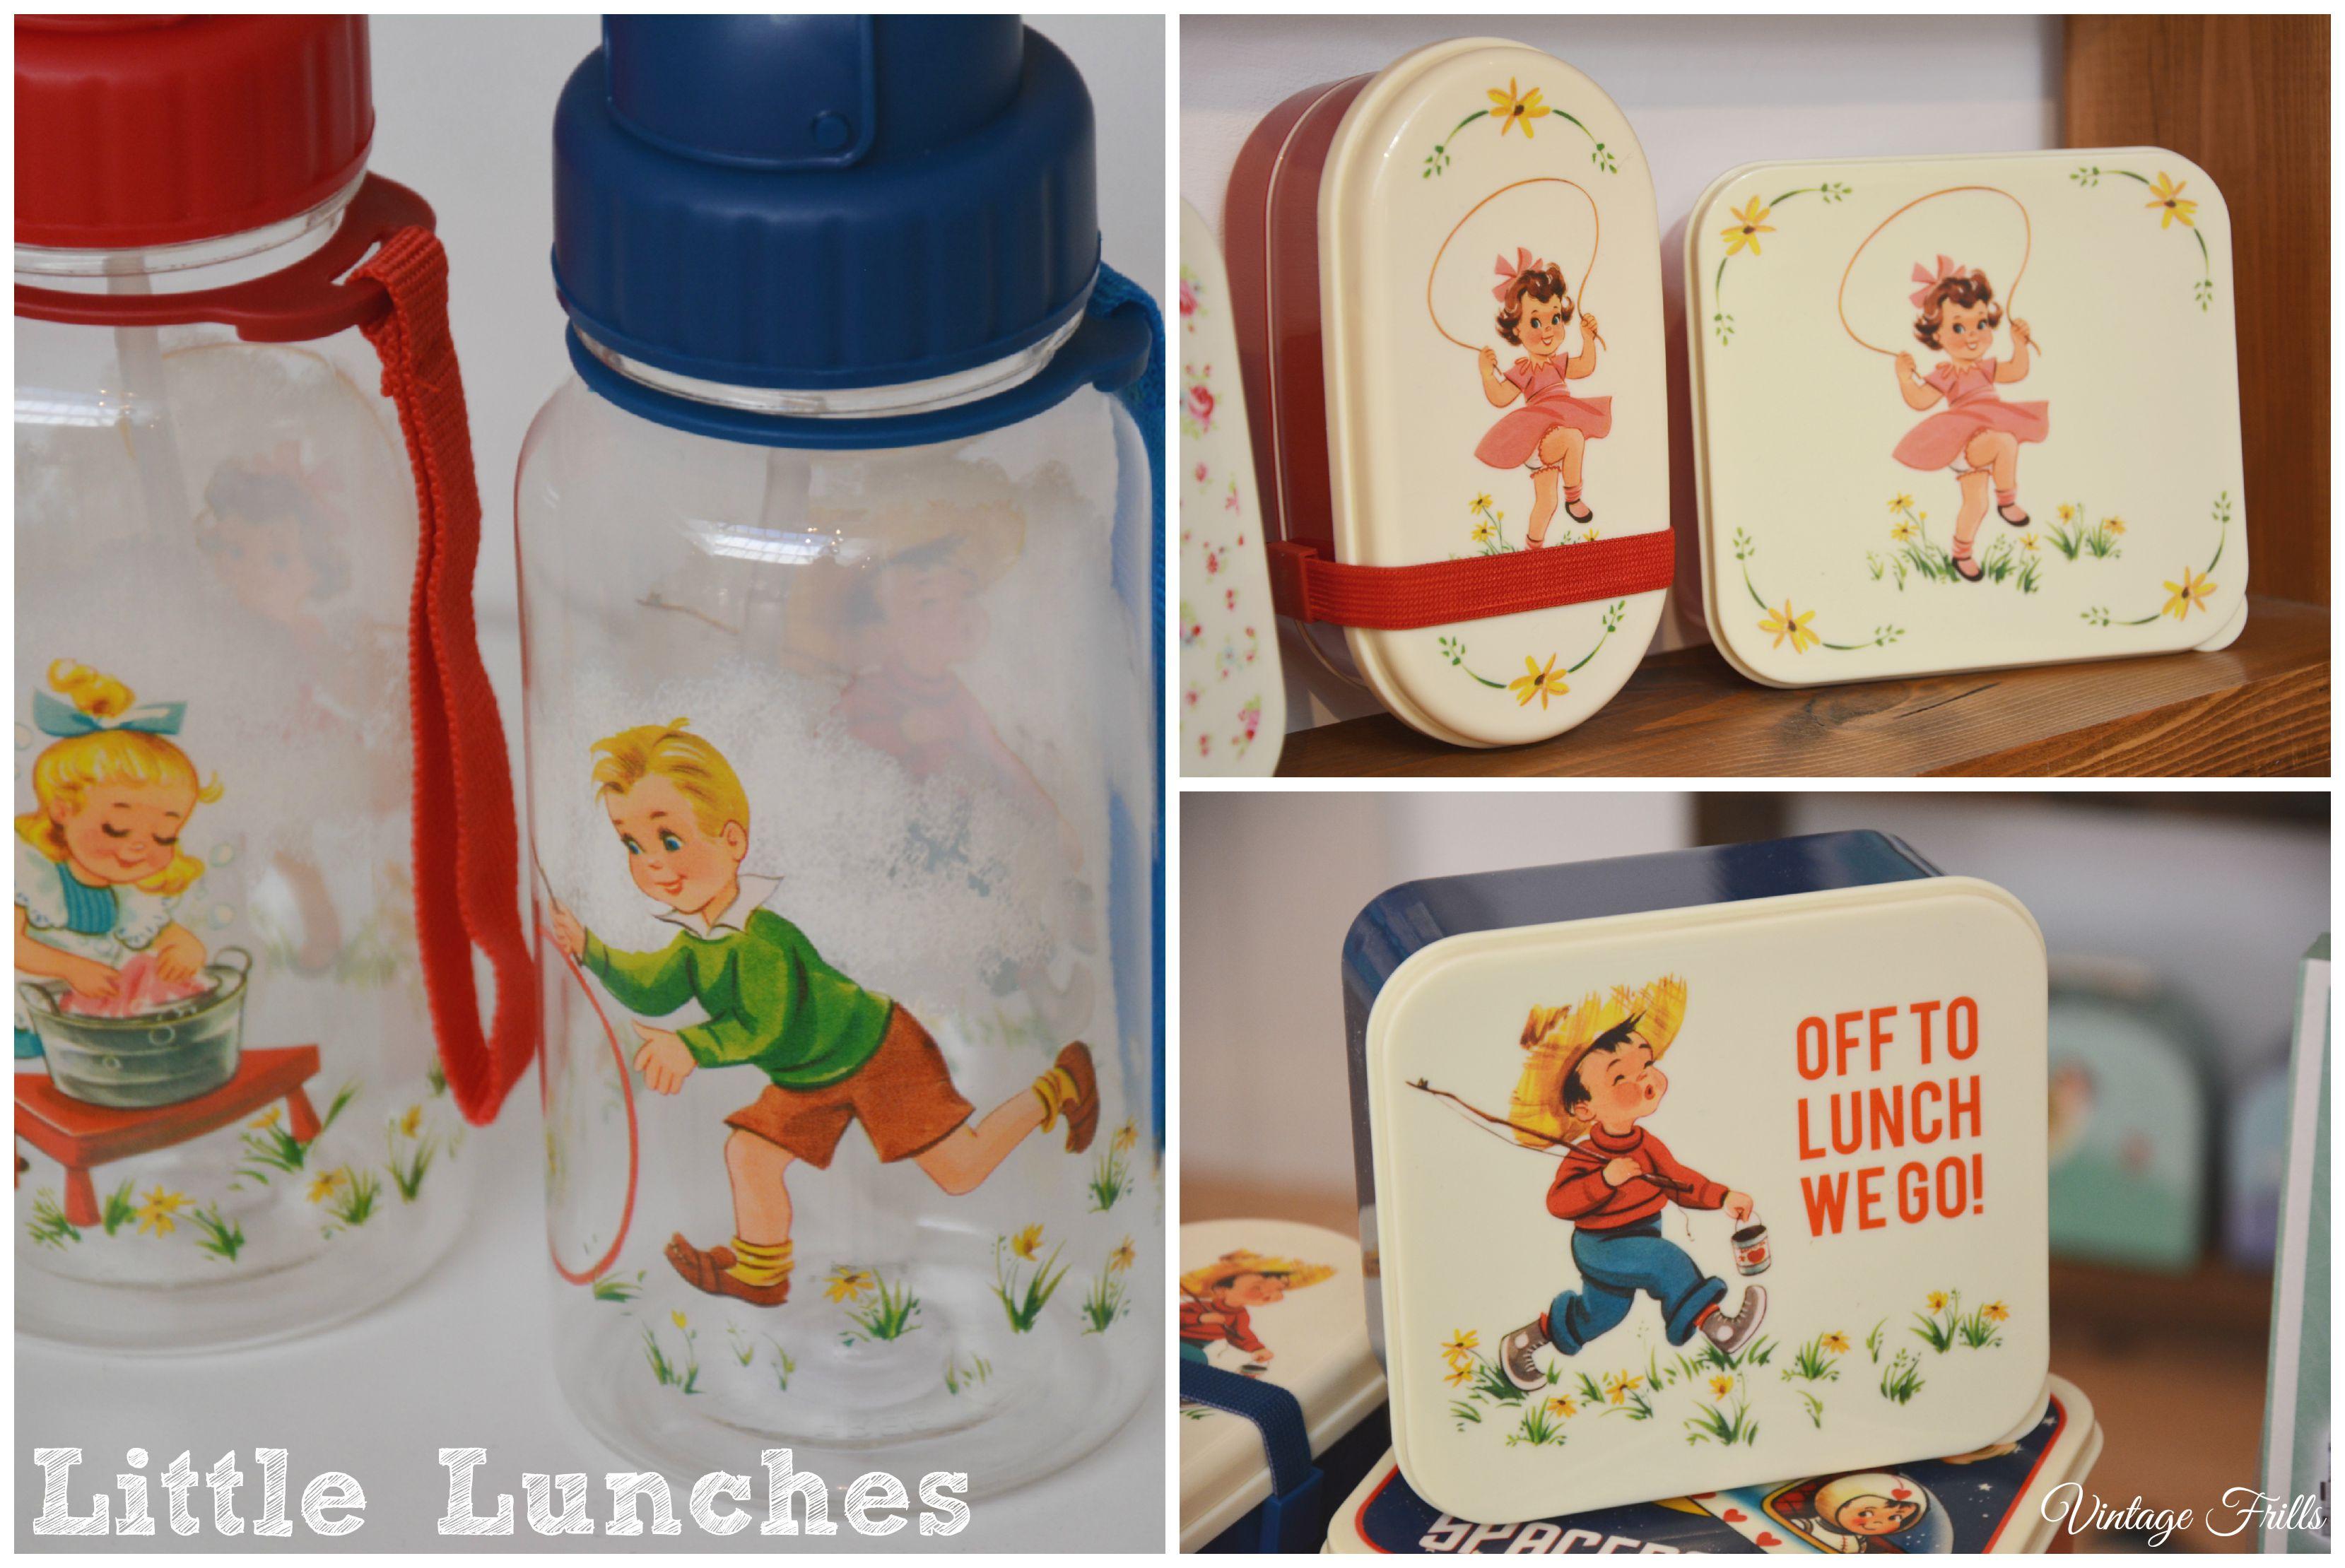 Vintage Style Lunch Boxes Dot Com Gift Shop  Vintage Frills